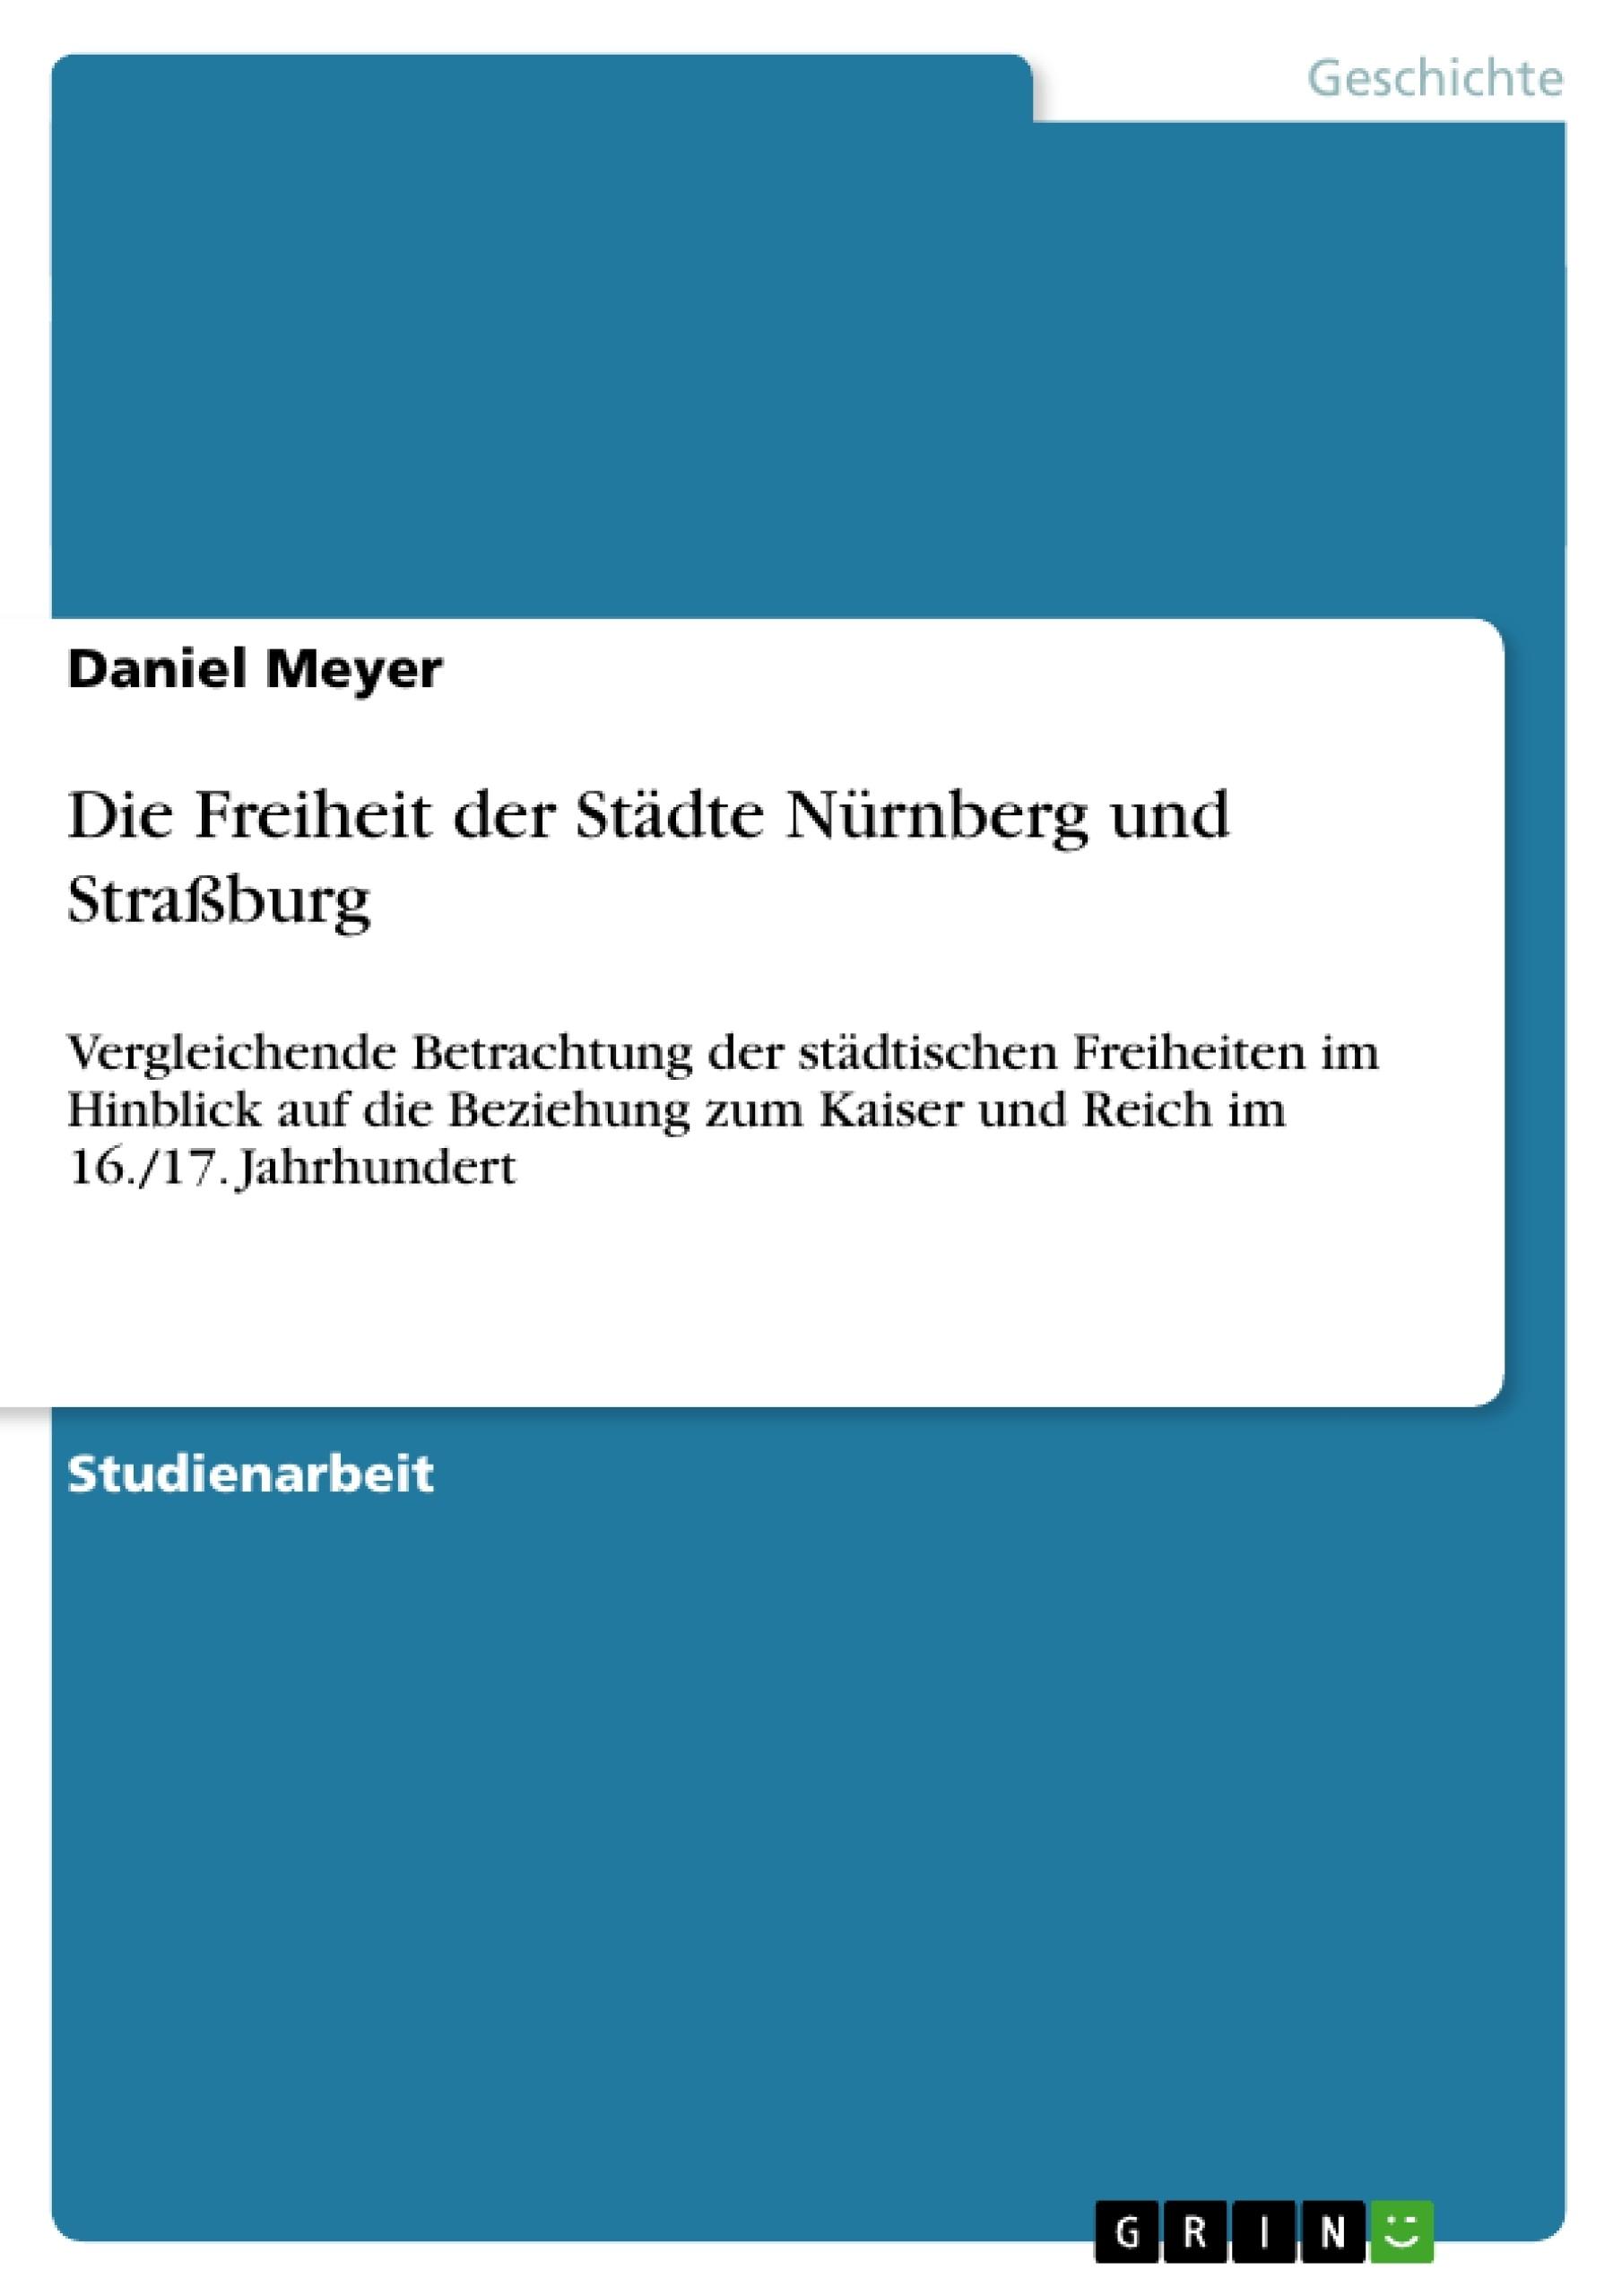 Titel: Die Freiheit der Städte Nürnberg und Straßburg